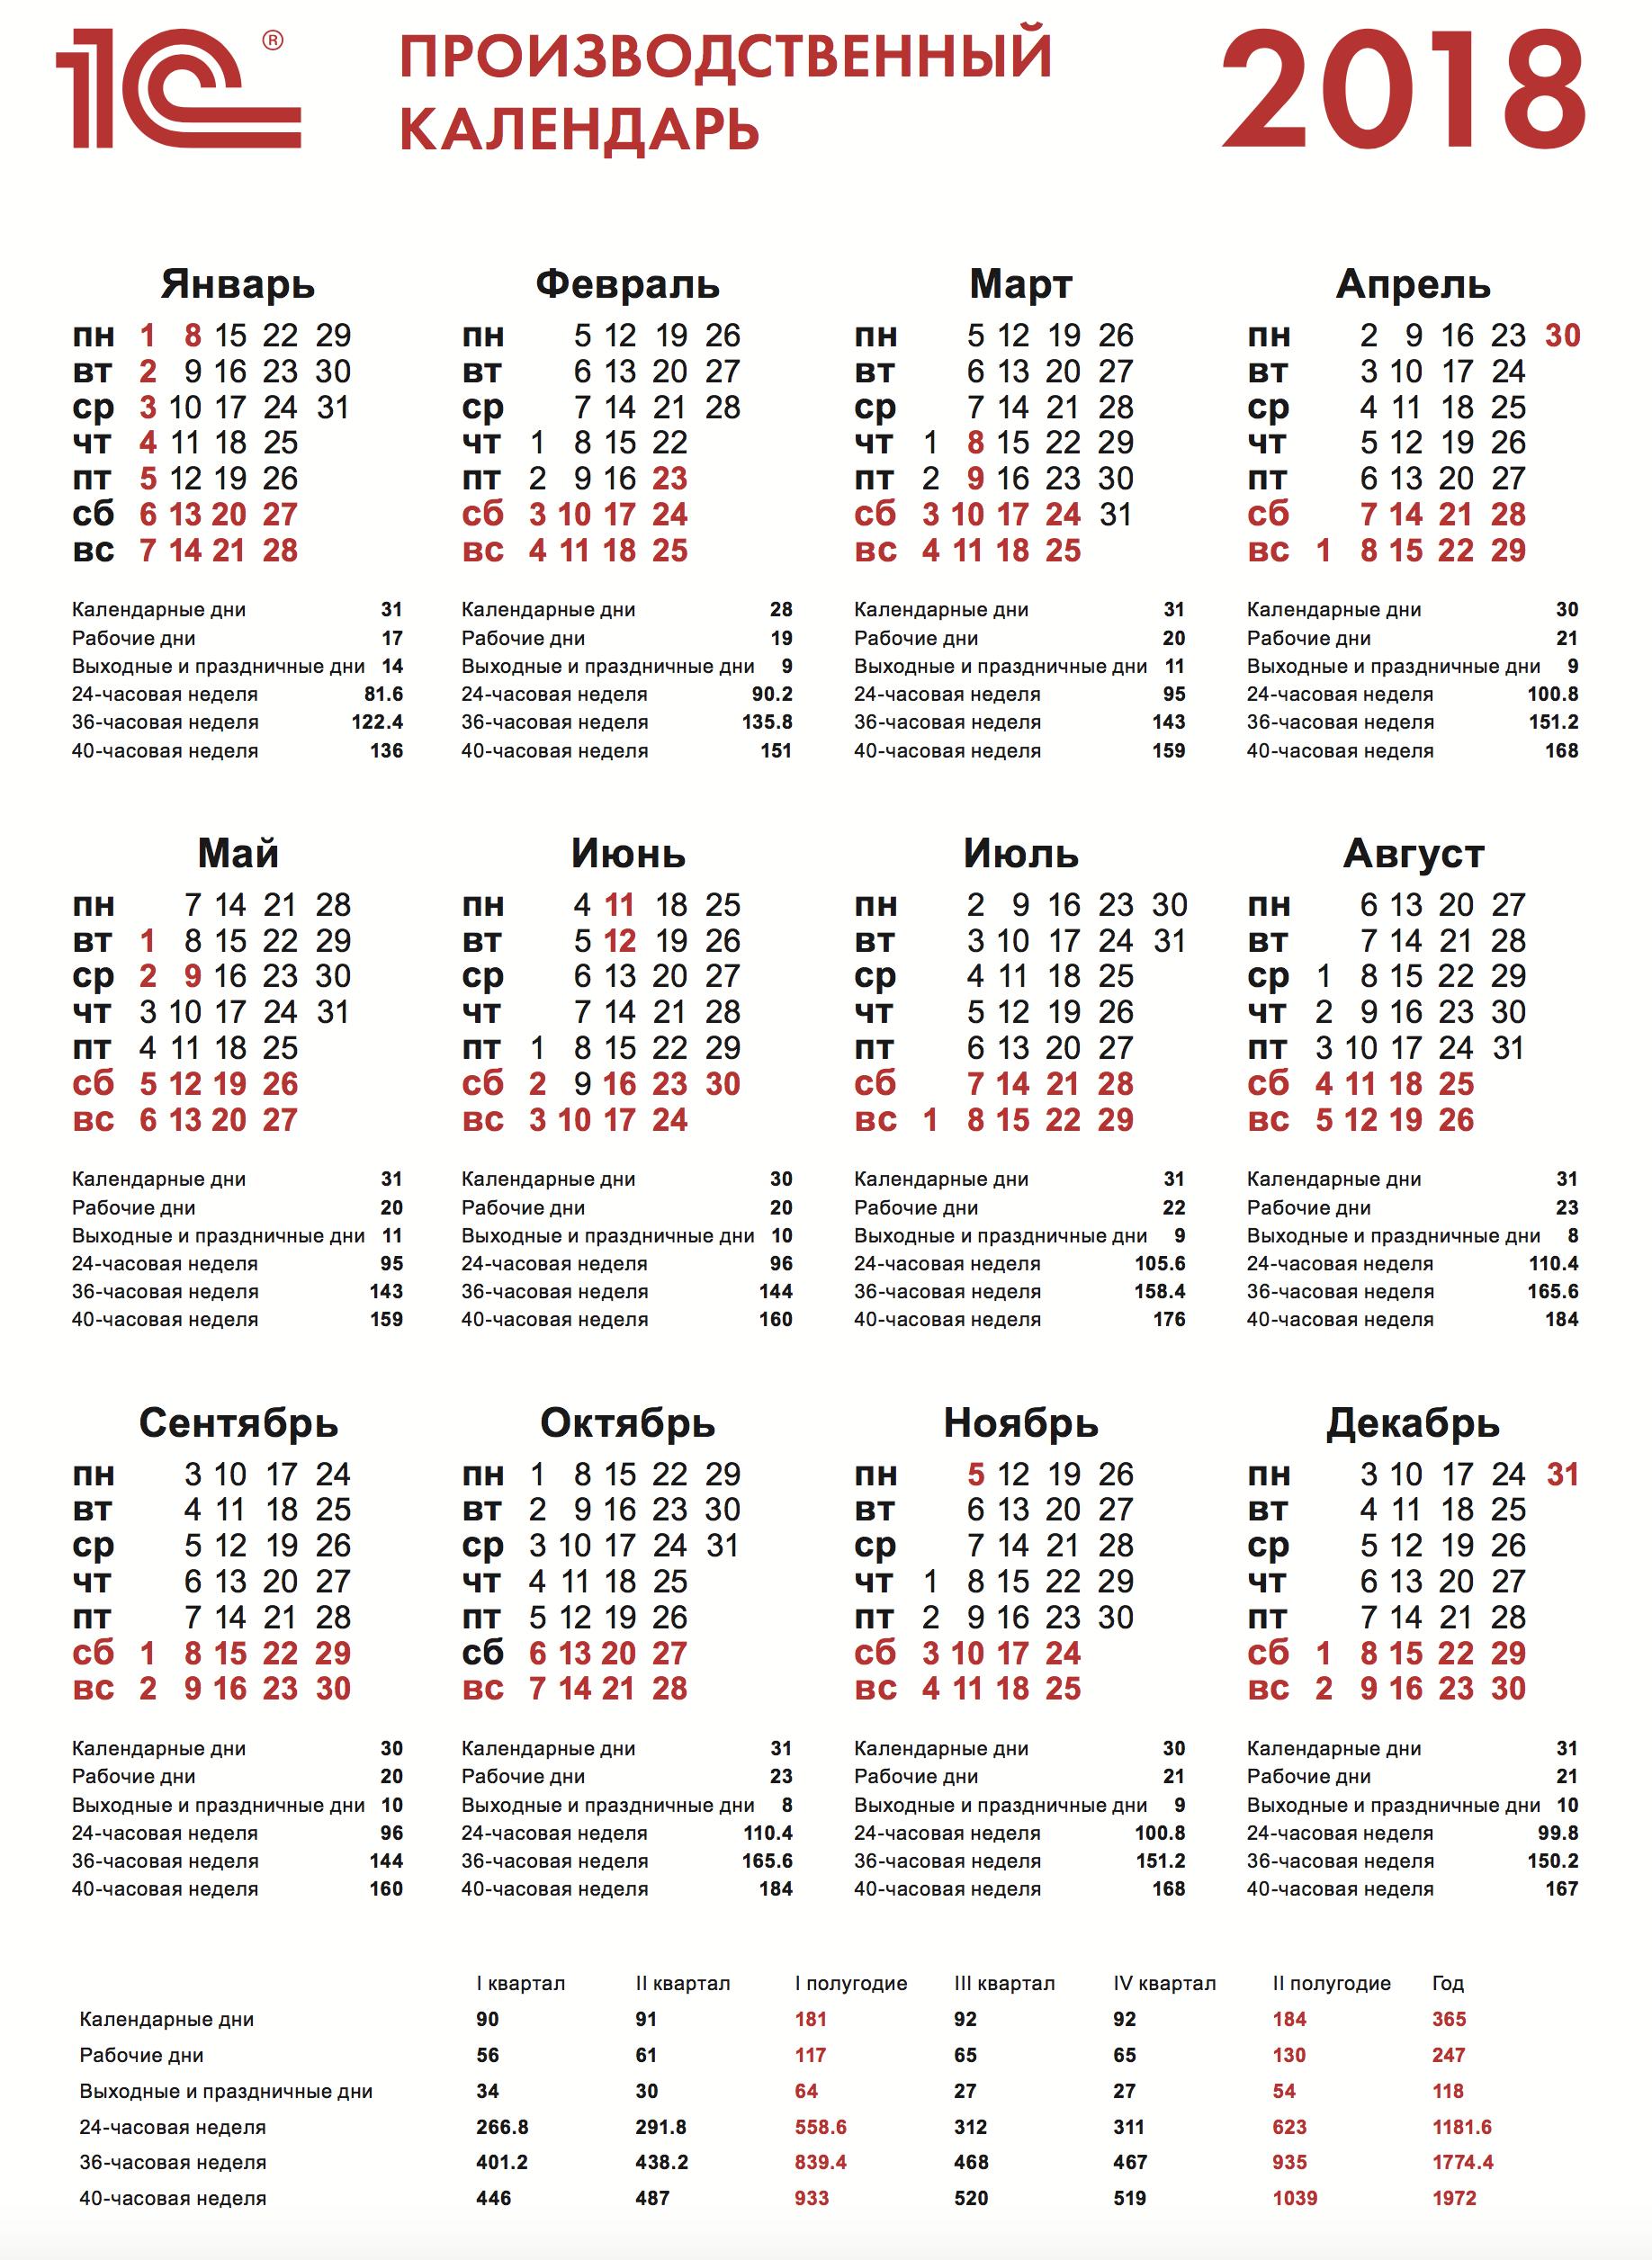 Производственный календарь 2018 утвержденный правительством рф